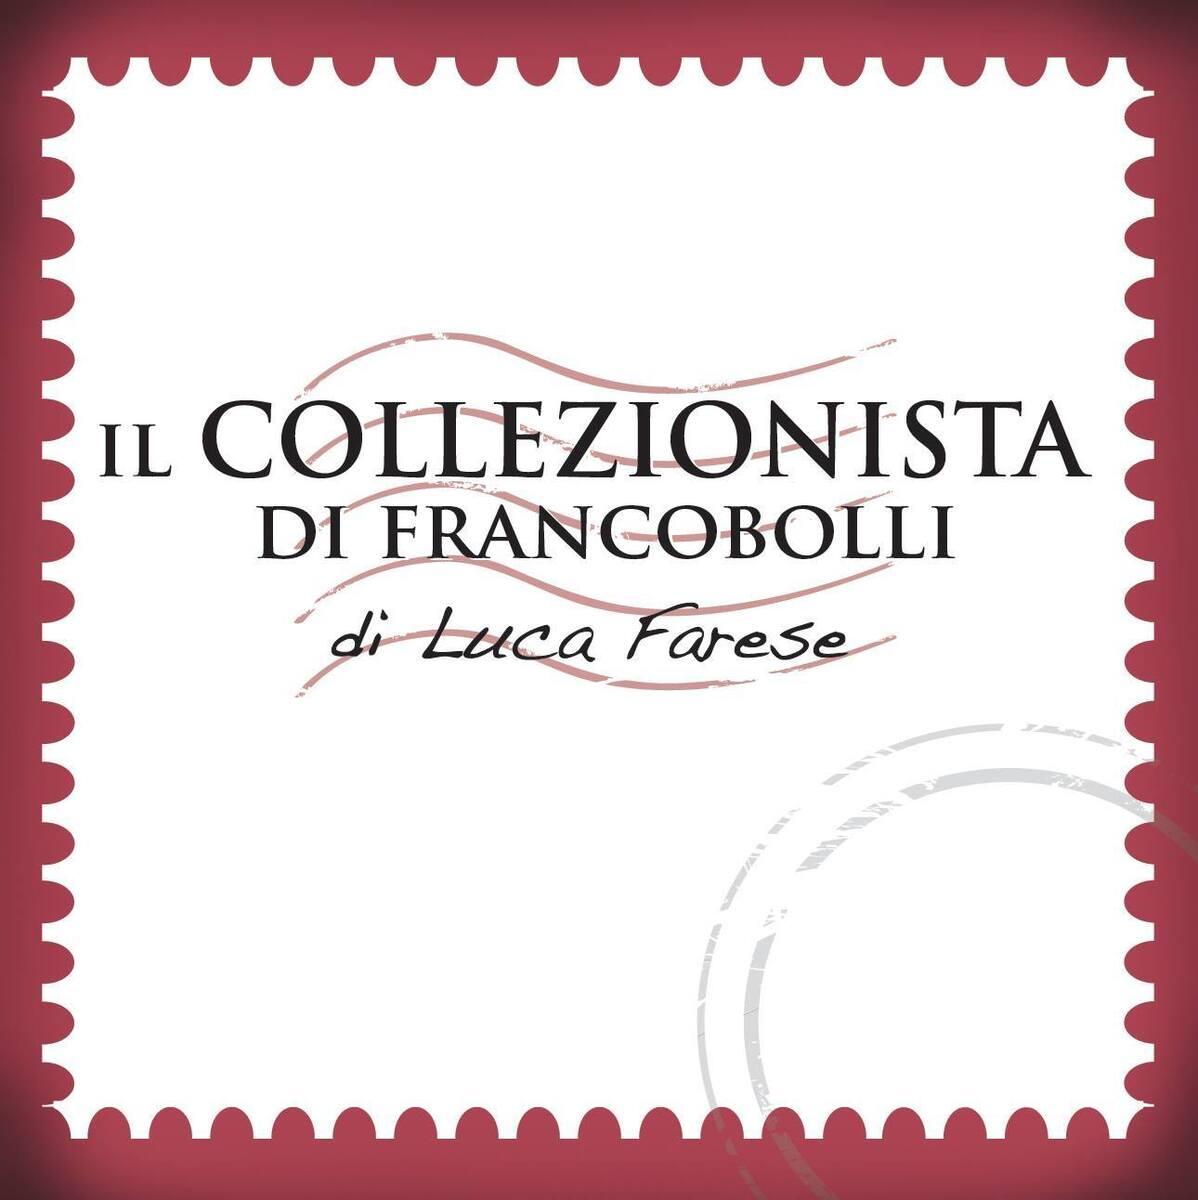 IL COLLEZIONISTA DI FRANCOBOLLI